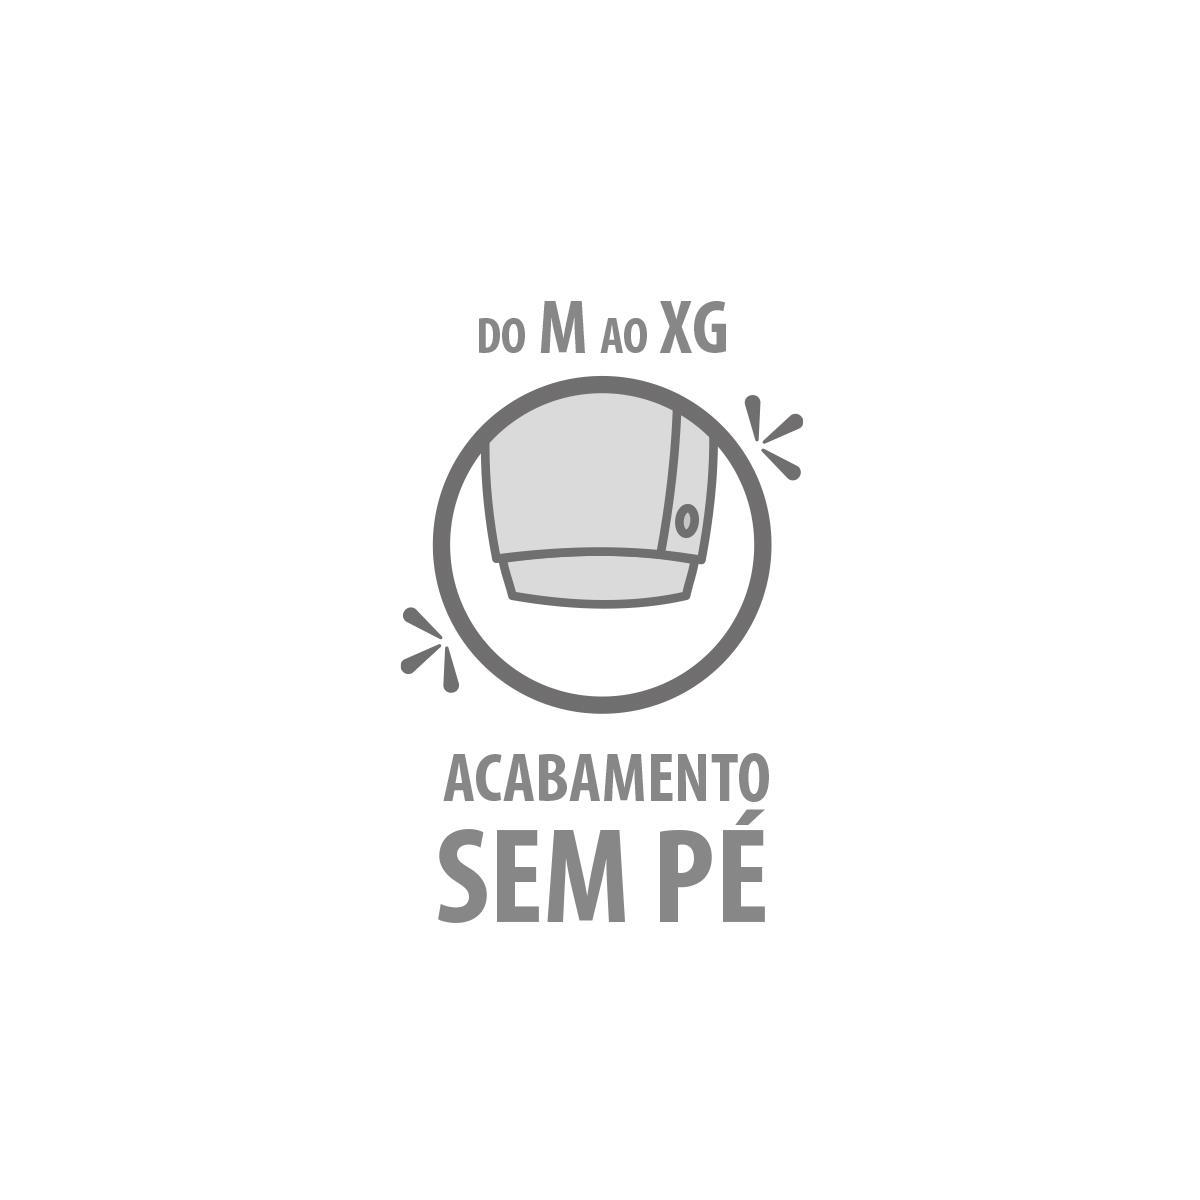 Macacão Soft Ursinho - Tamanhos RN e P com pezinho; M, G e XG sem pezinho  - Piu Blu